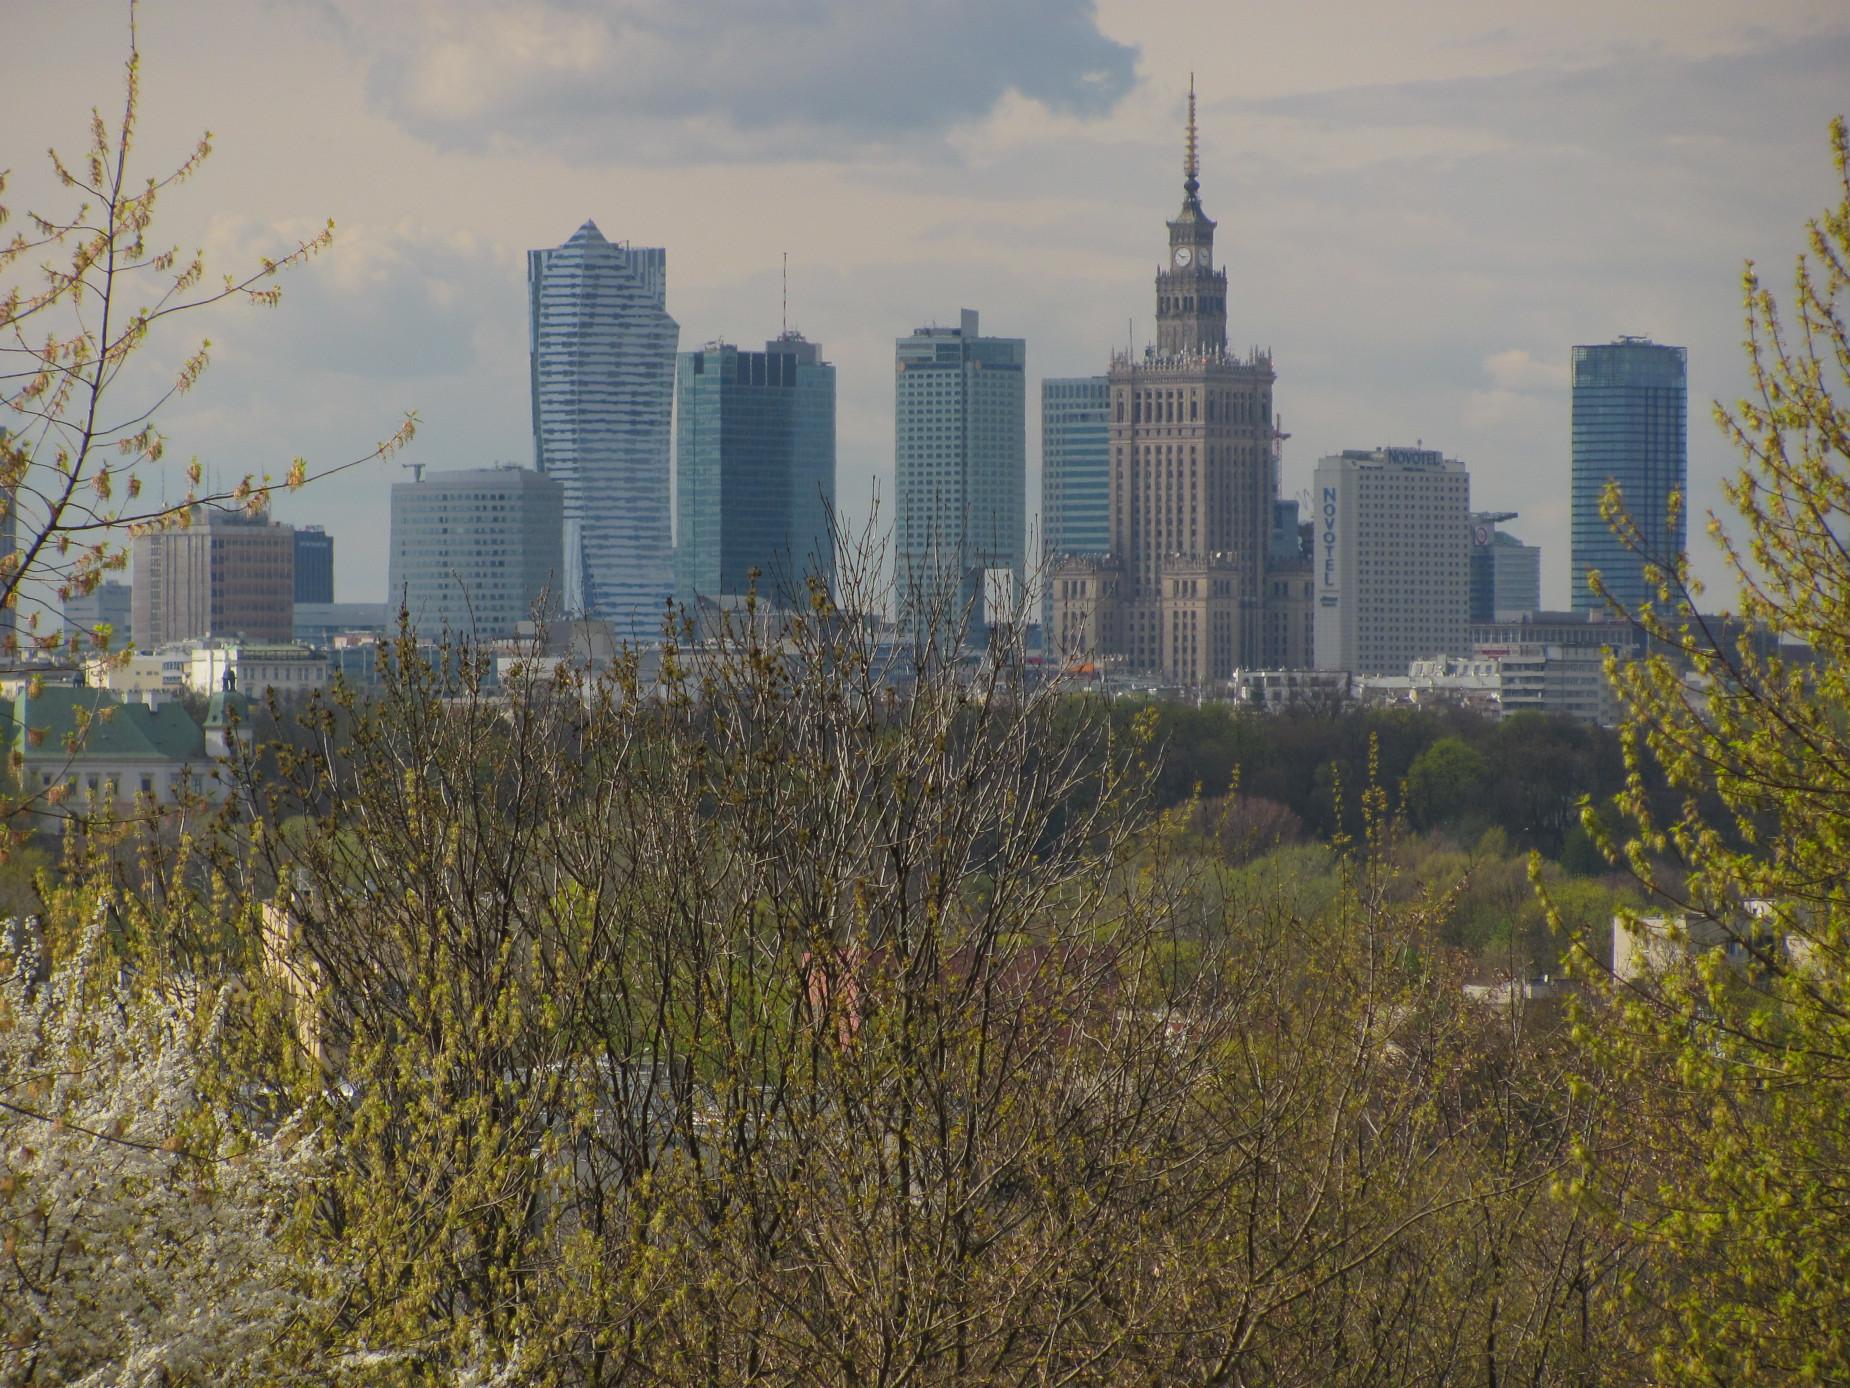 Dwa miasta odrodzone niczym feniks z popiołów. O powojennej odbudowie Gdańska i Warszawy dowiesz się na wykładzie on-line